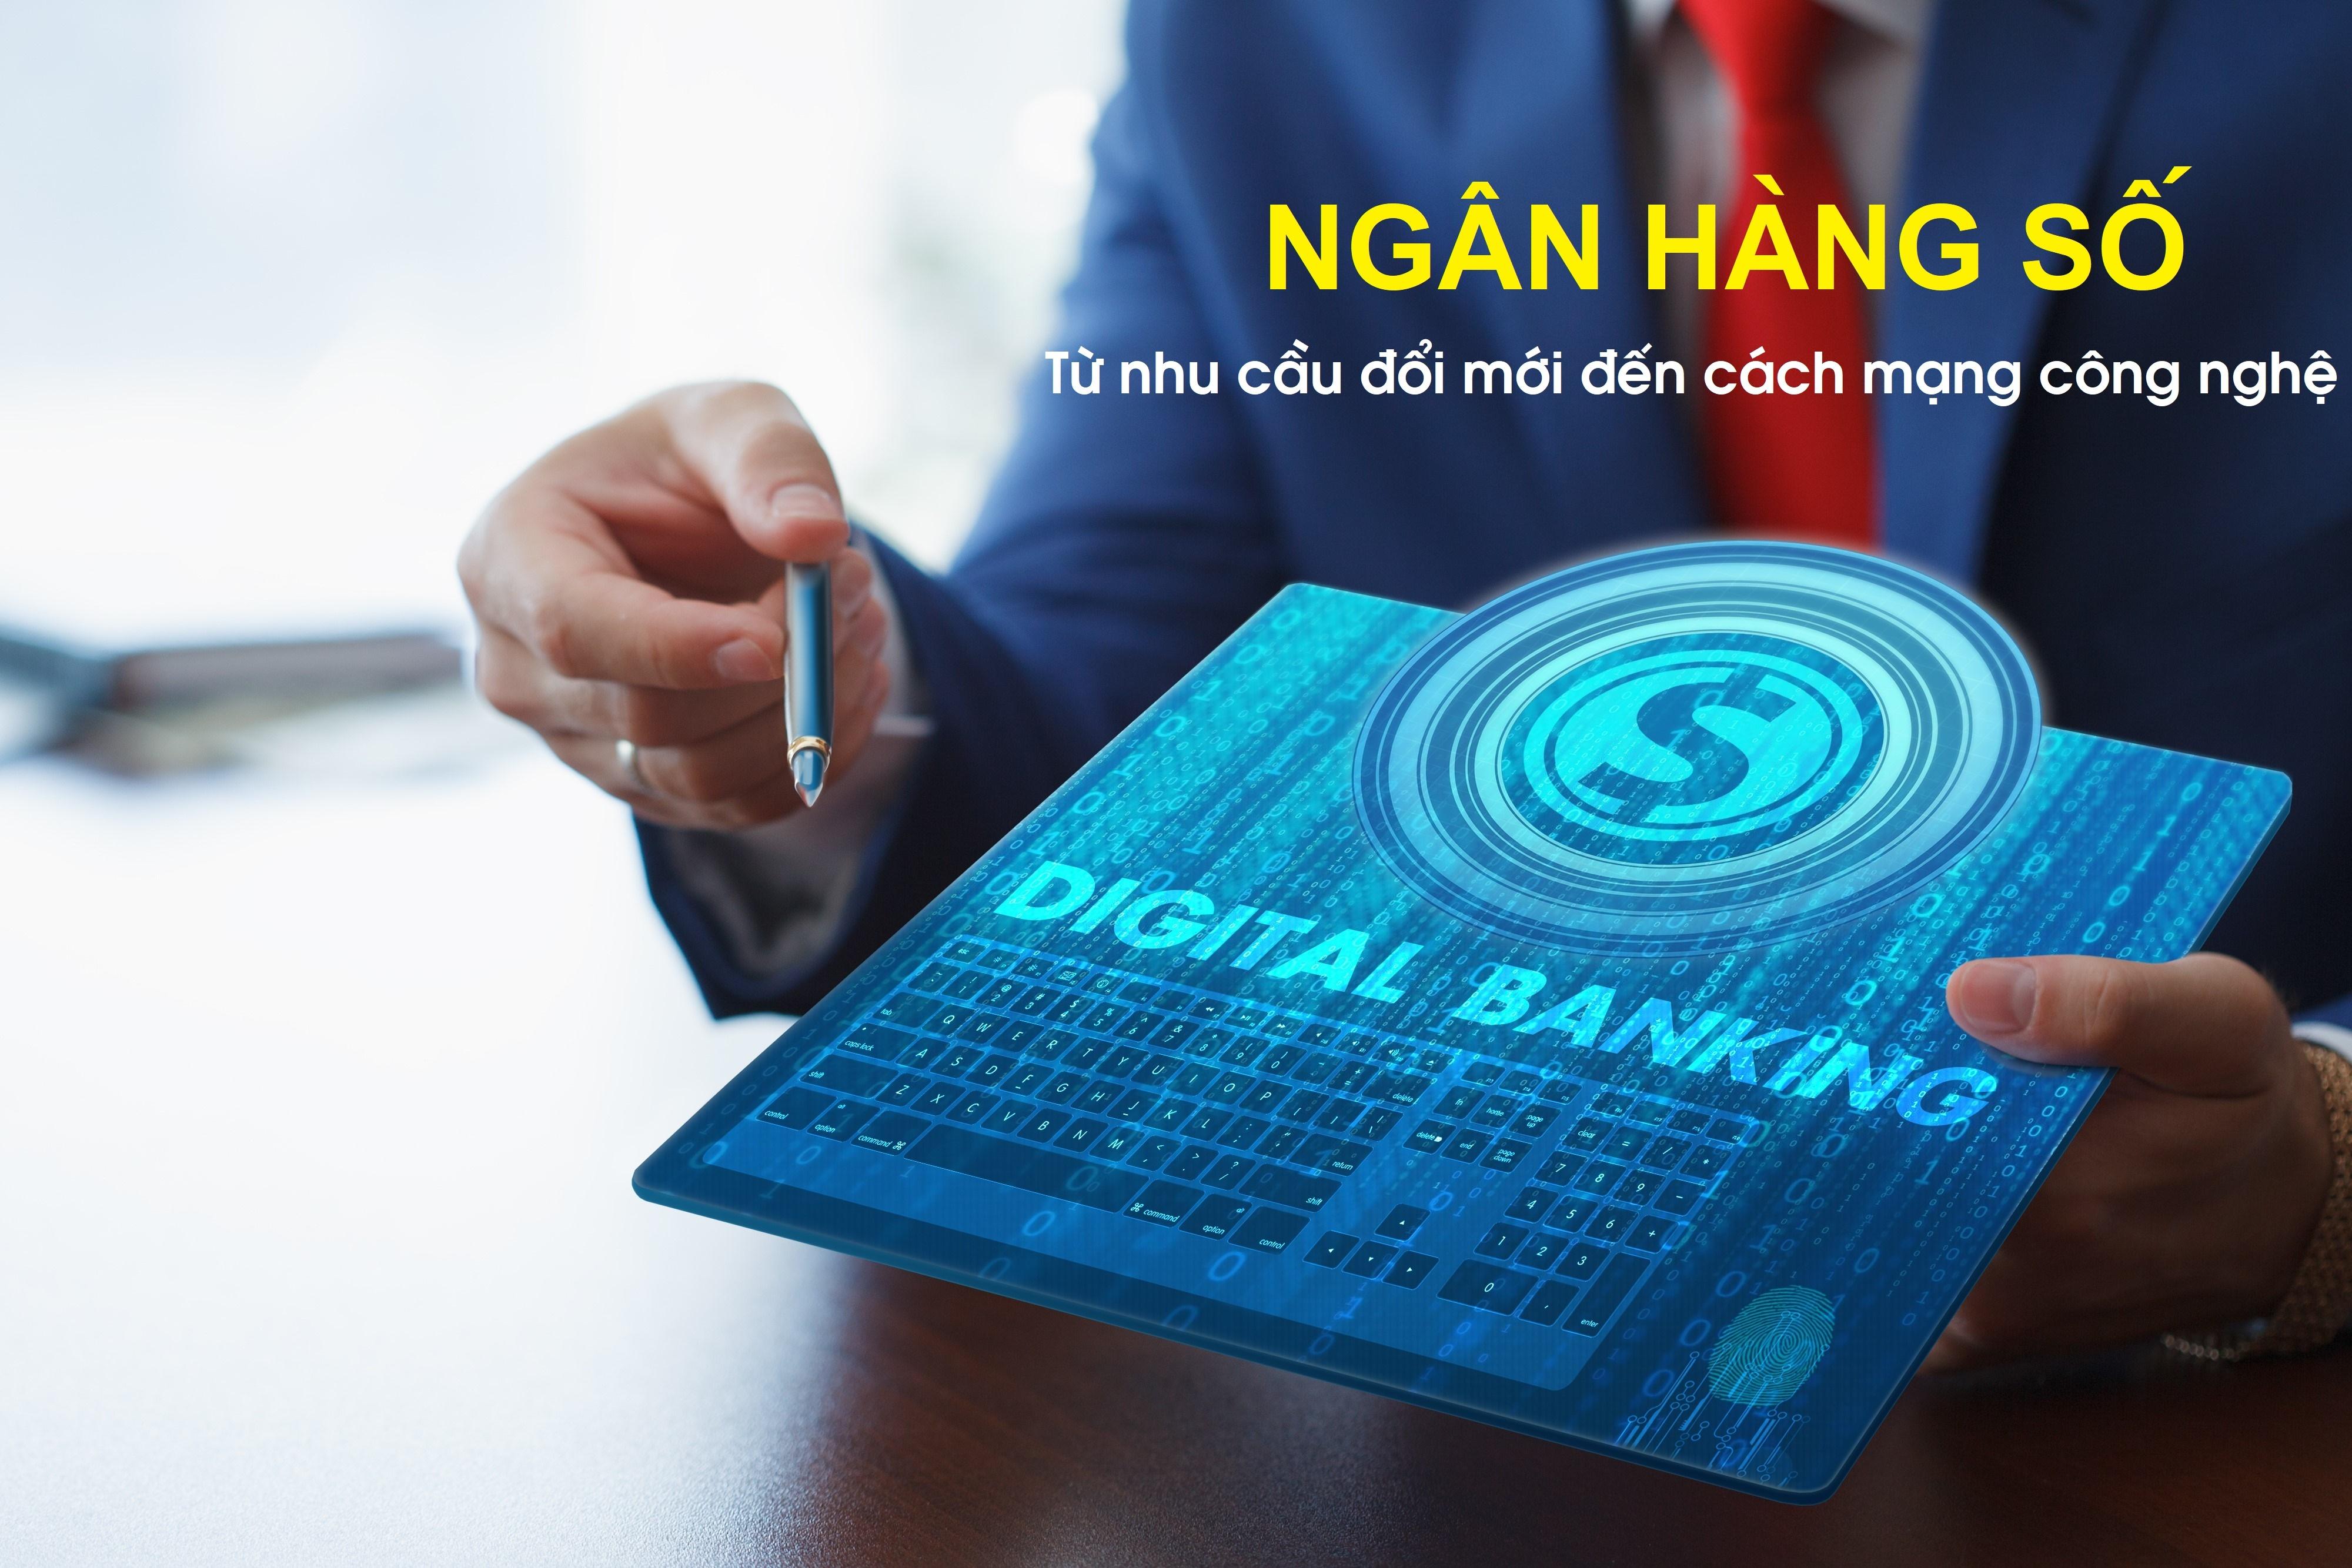 [eMagazine] Ngân hàng số: Từ nhu cầu đổi mới đến cách mạng công nghệ - Kỳ I